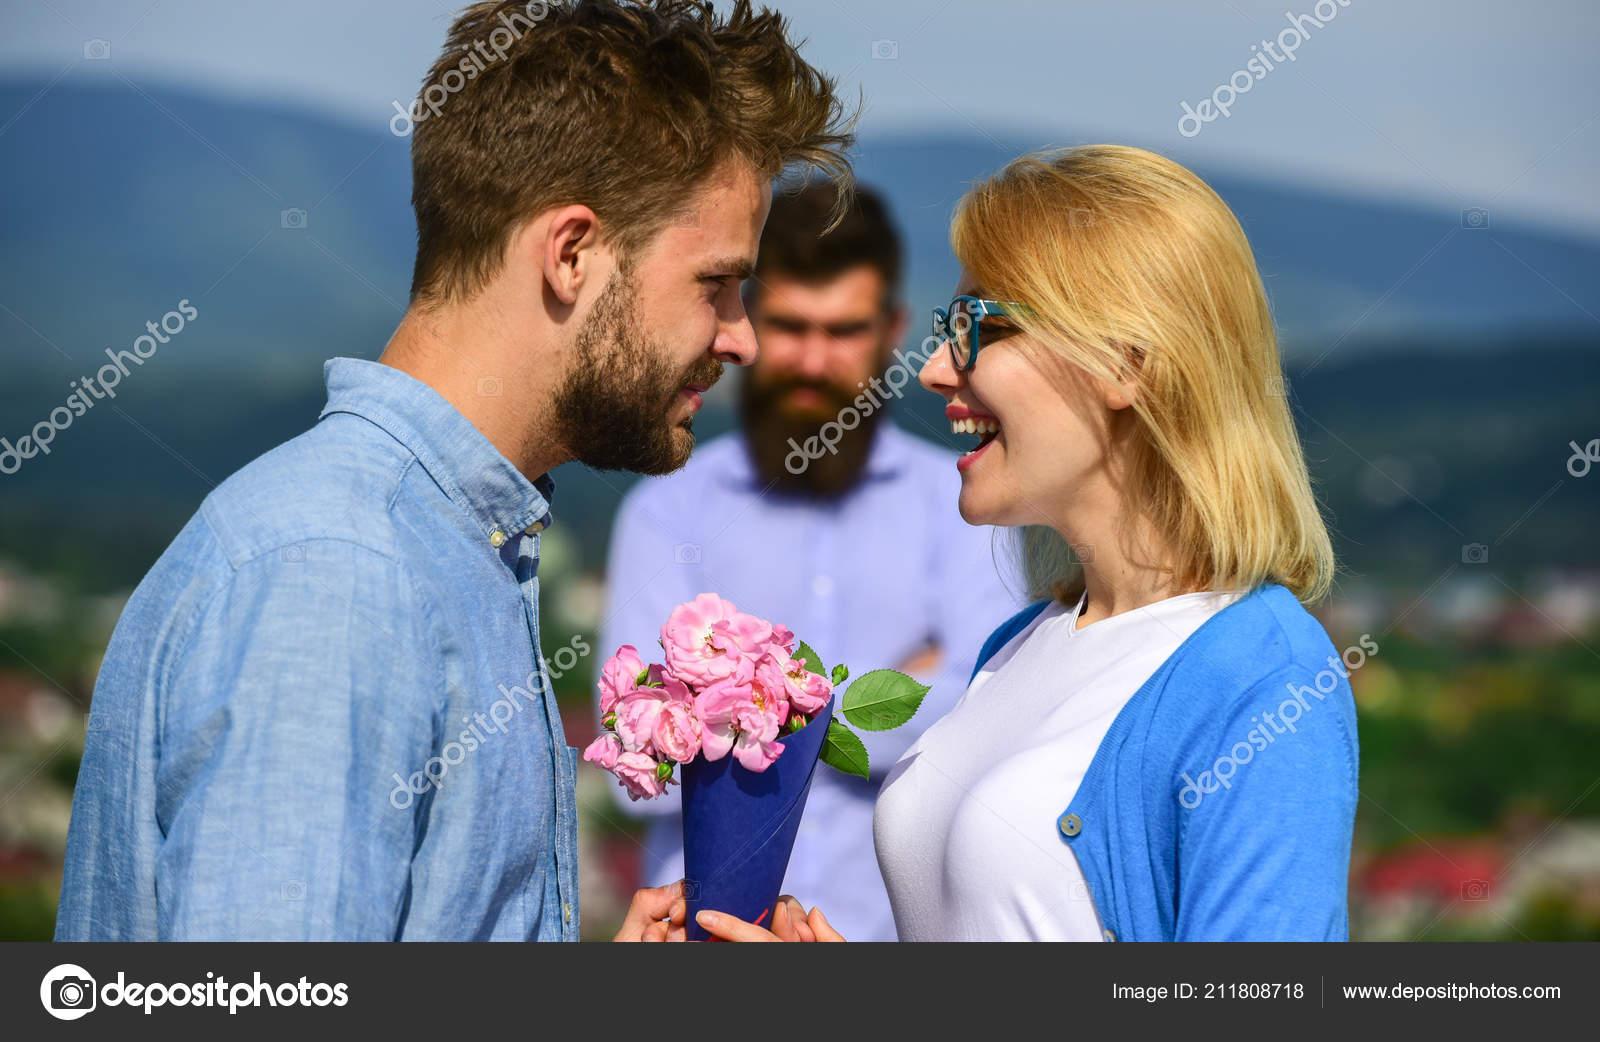 vad skillnaden mellan dating någon och att vara i ett förhållande